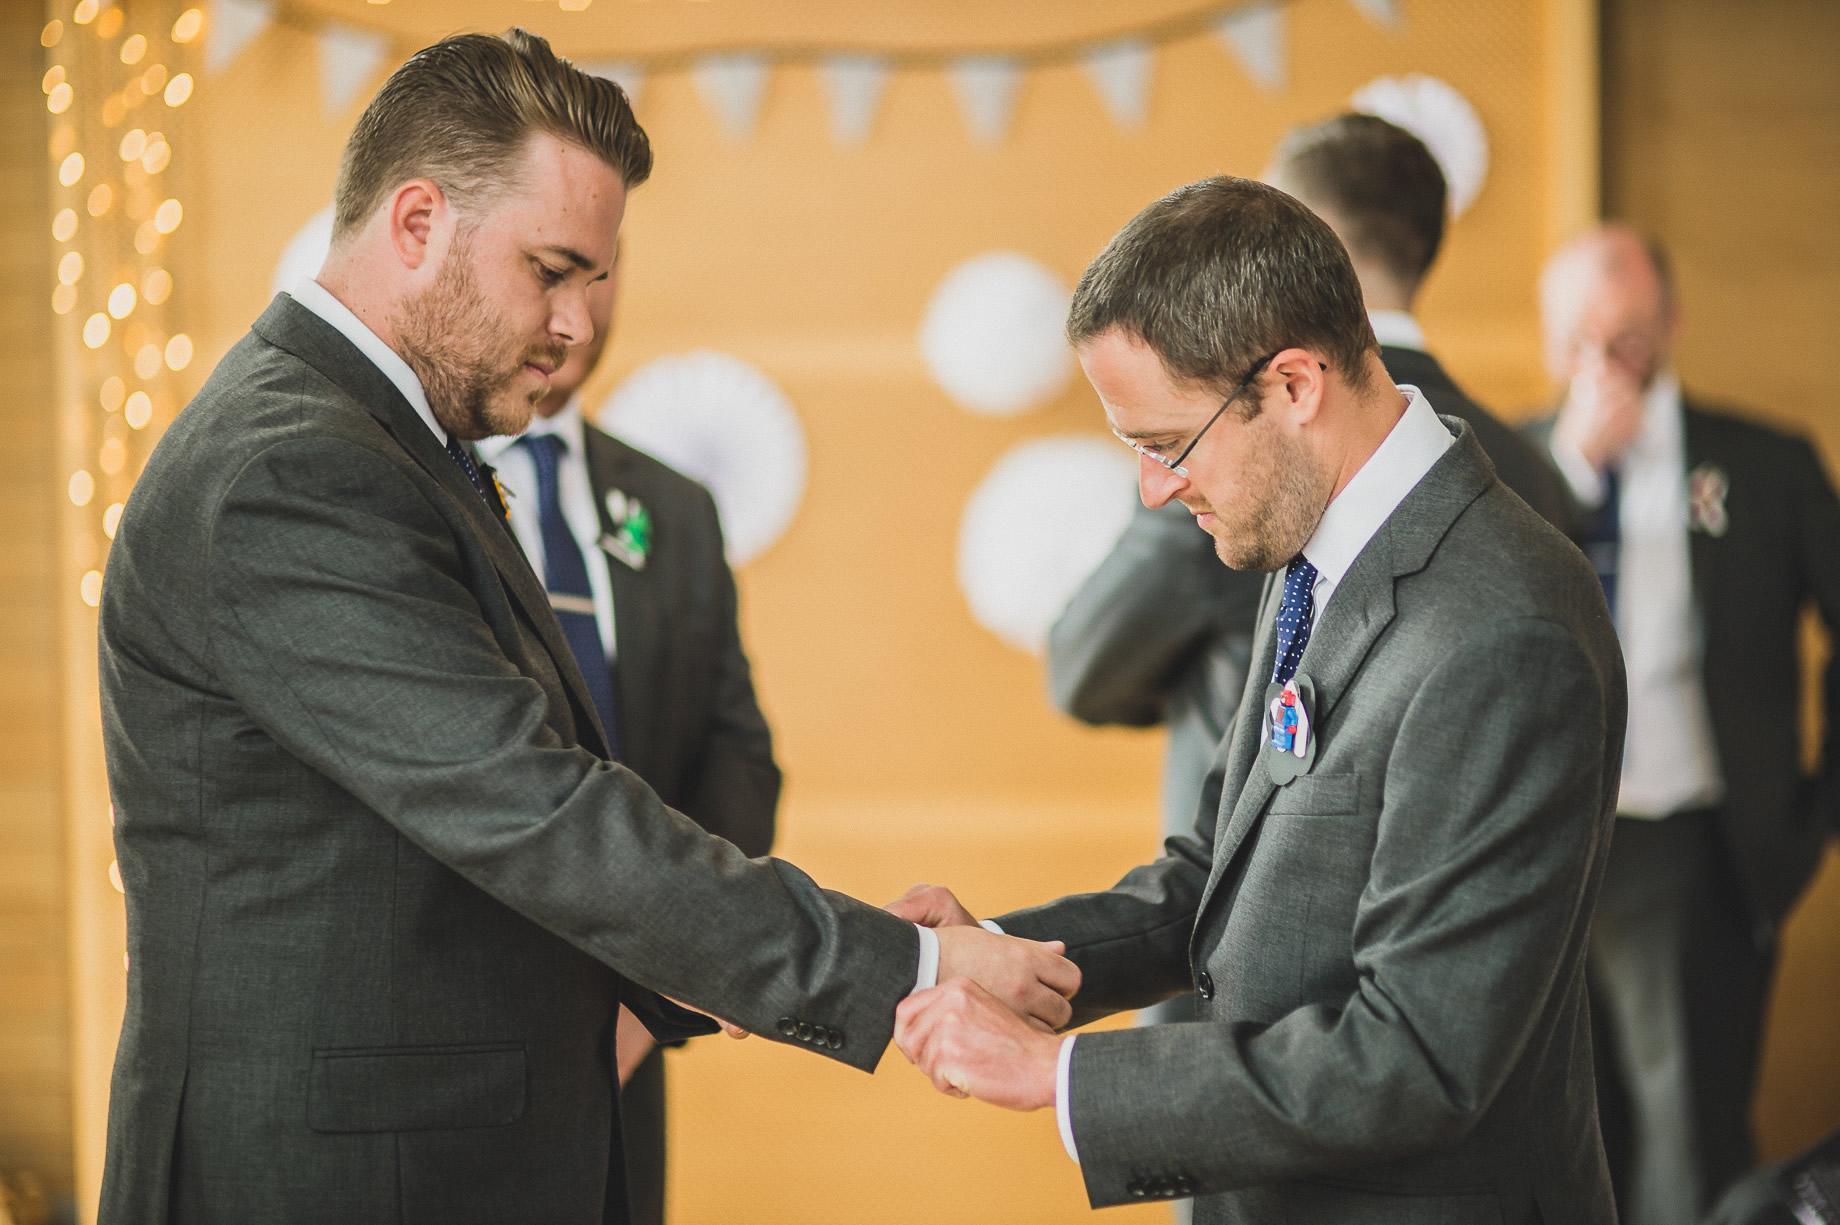 Becky and John's Wedding at Slaidburn Village Hall 070